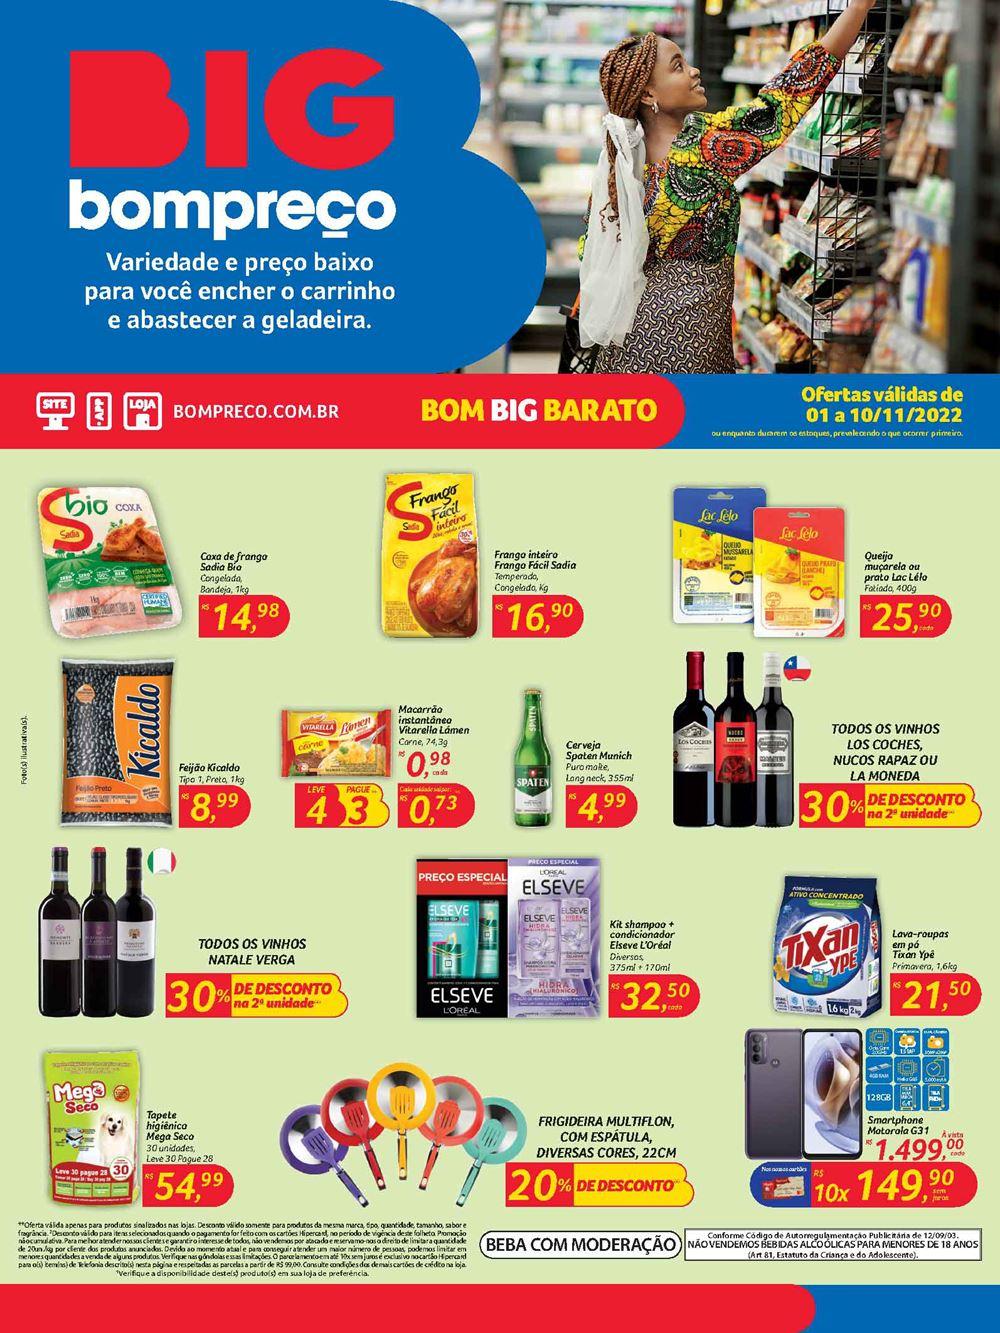 big-ofertas-descontos-hoje1-221 Big Belo Horizonte Tabloide até 02/11